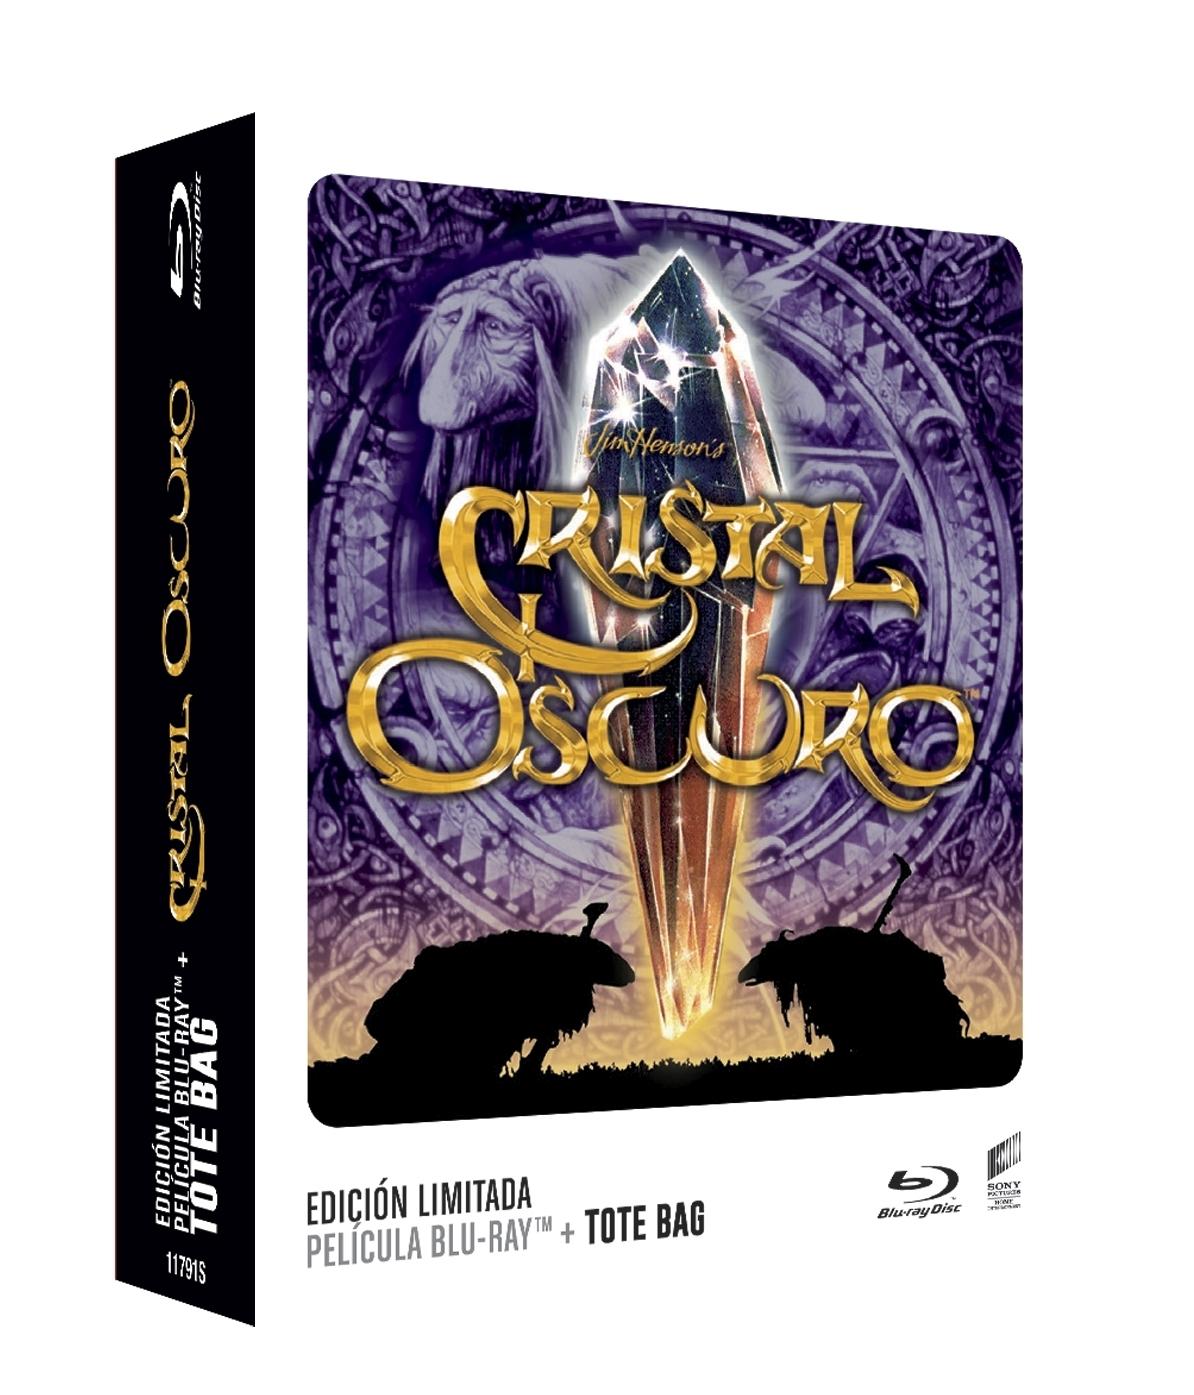 Cristal Oscuro (Blu-ray) (ED. Tote Bag)